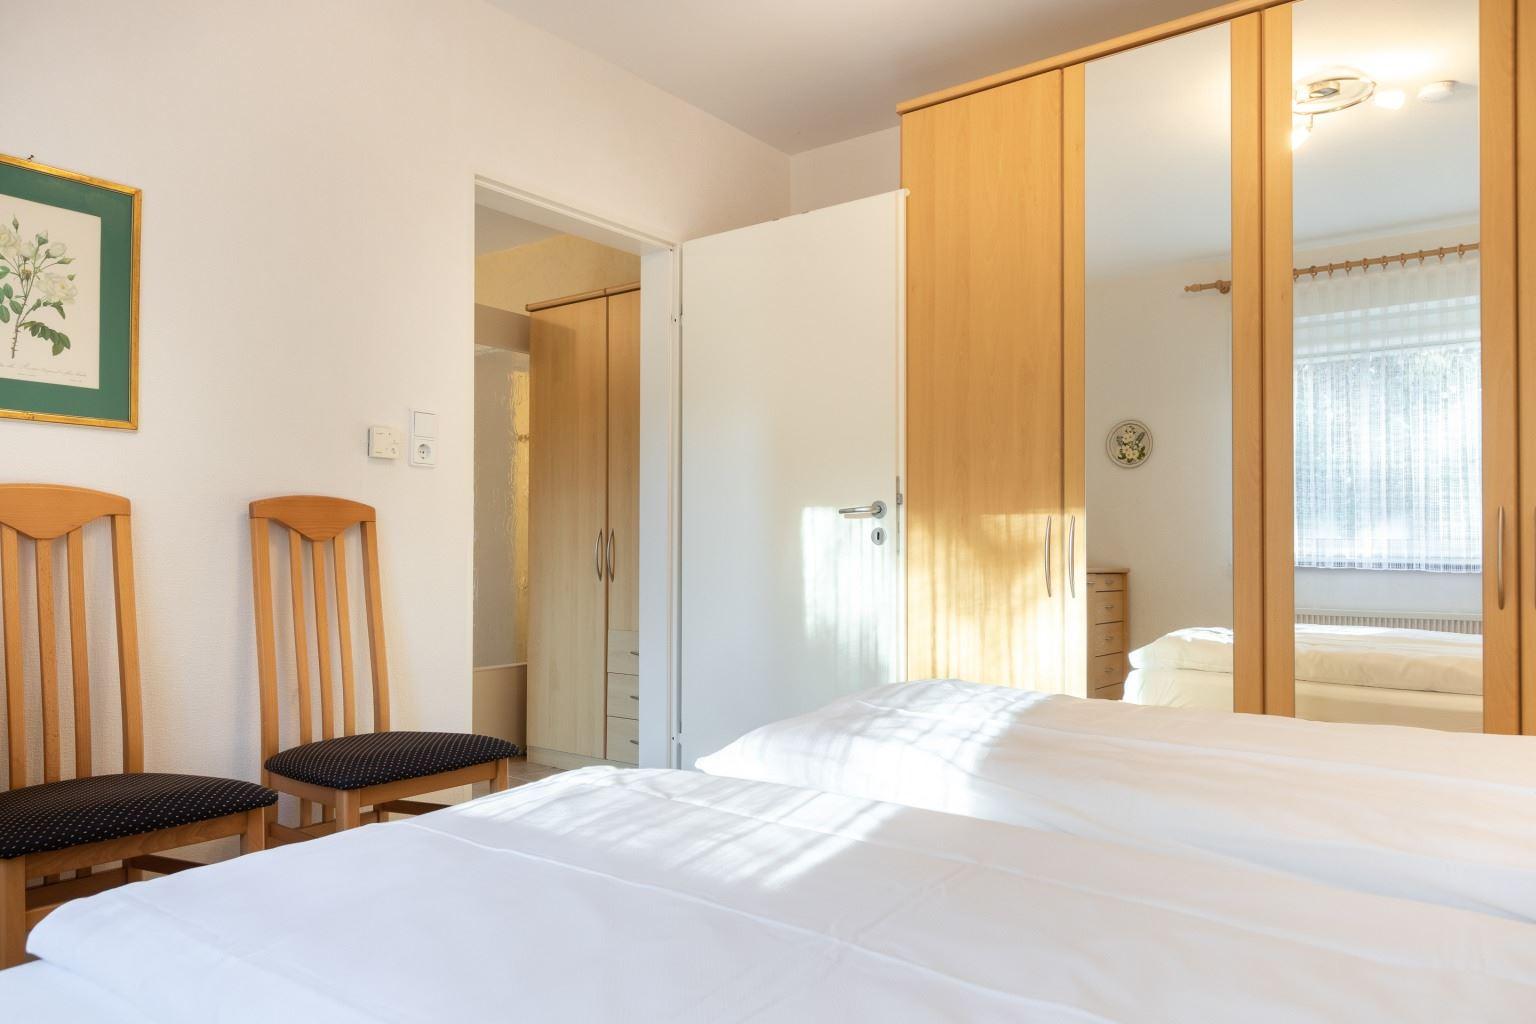 Schlafzimmer - St Peter Ording Dorf, Haus Sandkamp 4, Wohnung 13